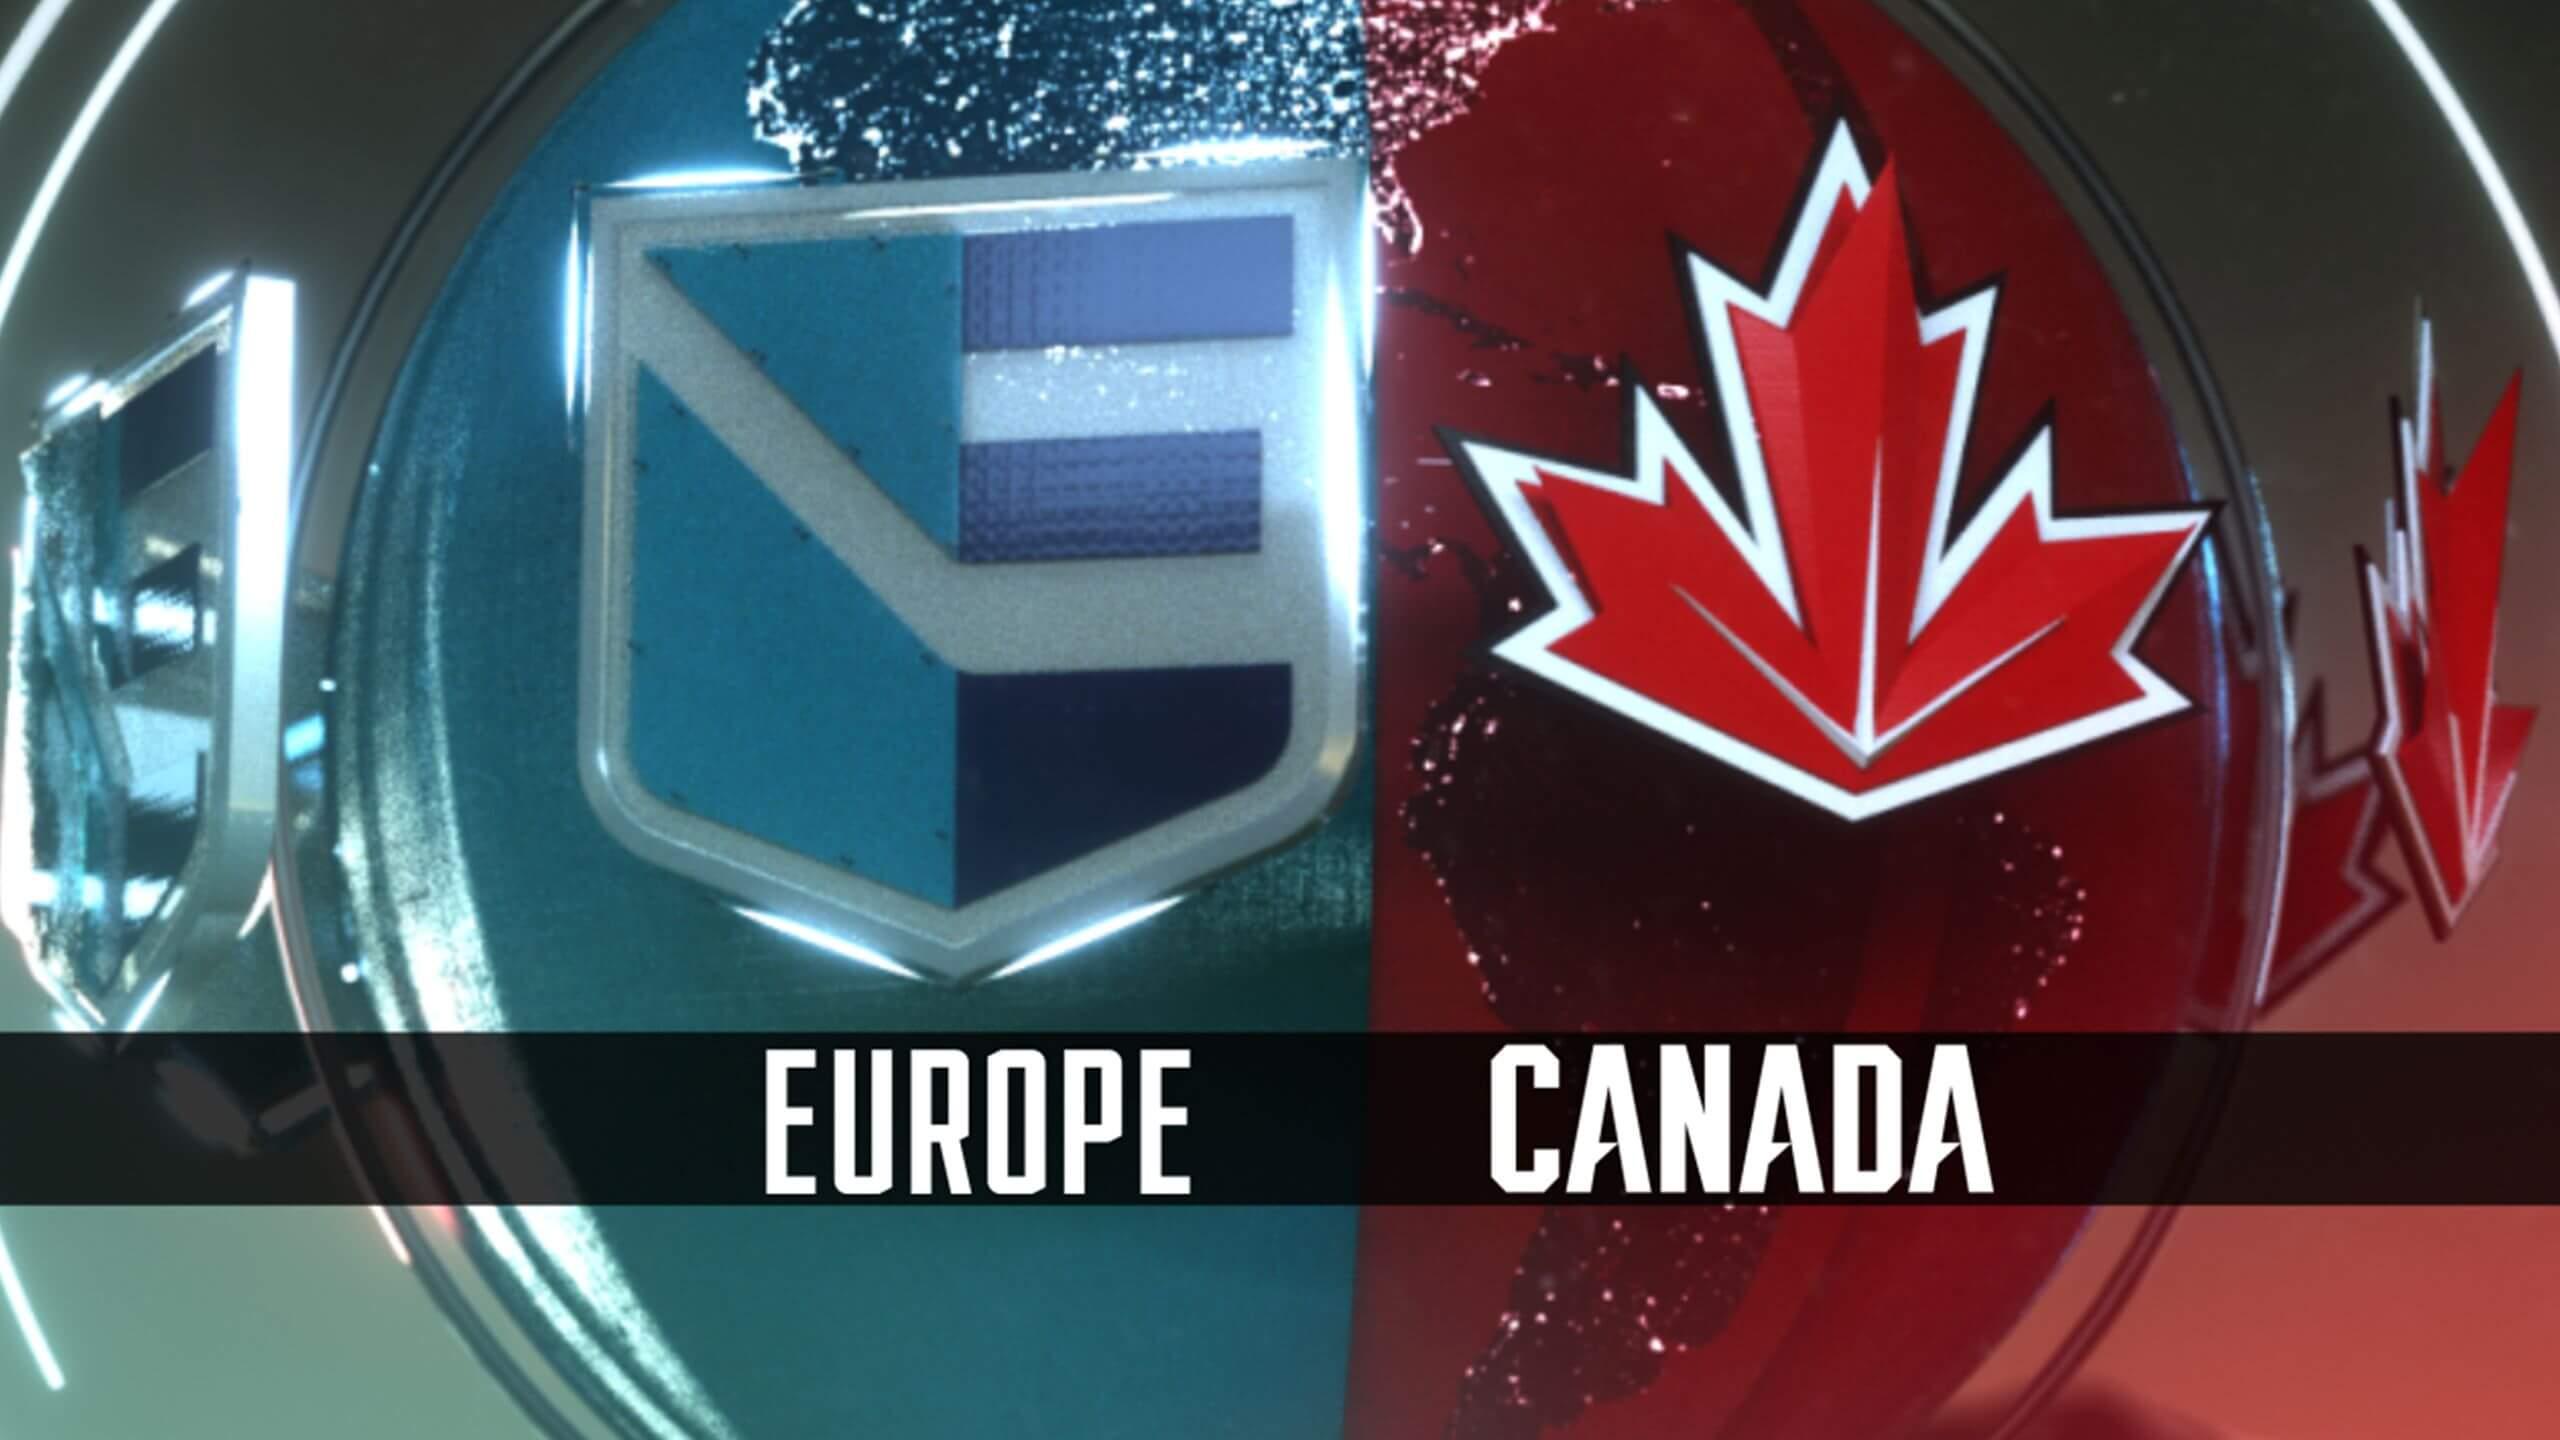 Европа - Канада второй матч Кубка Мира по хоккею 30 сентября 2016 года